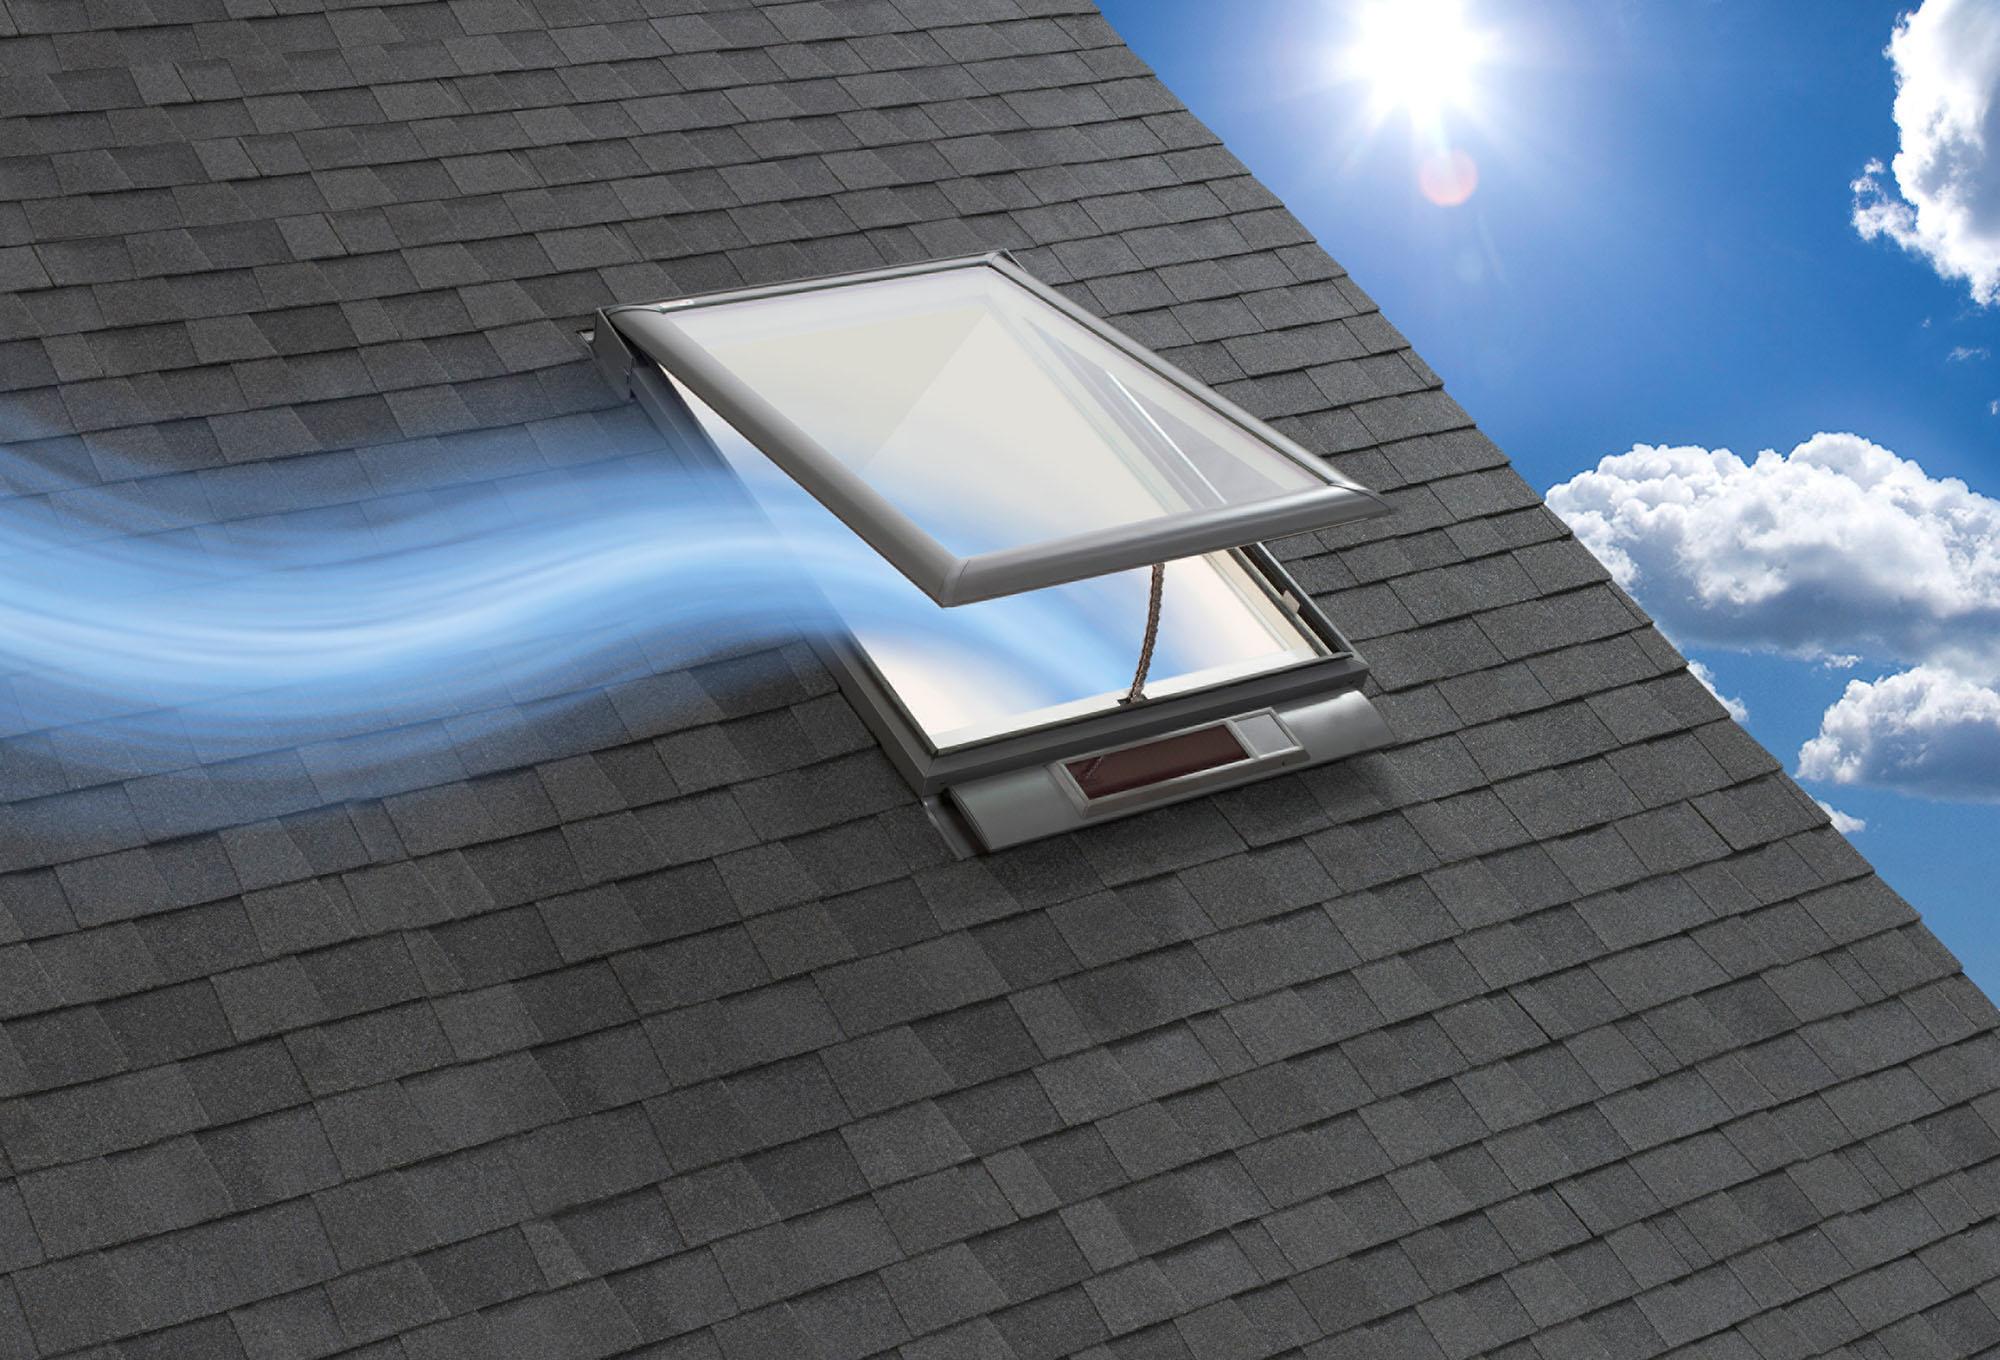 le premier puit de lumi re nergie solaire en am rique du nord. Black Bedroom Furniture Sets. Home Design Ideas